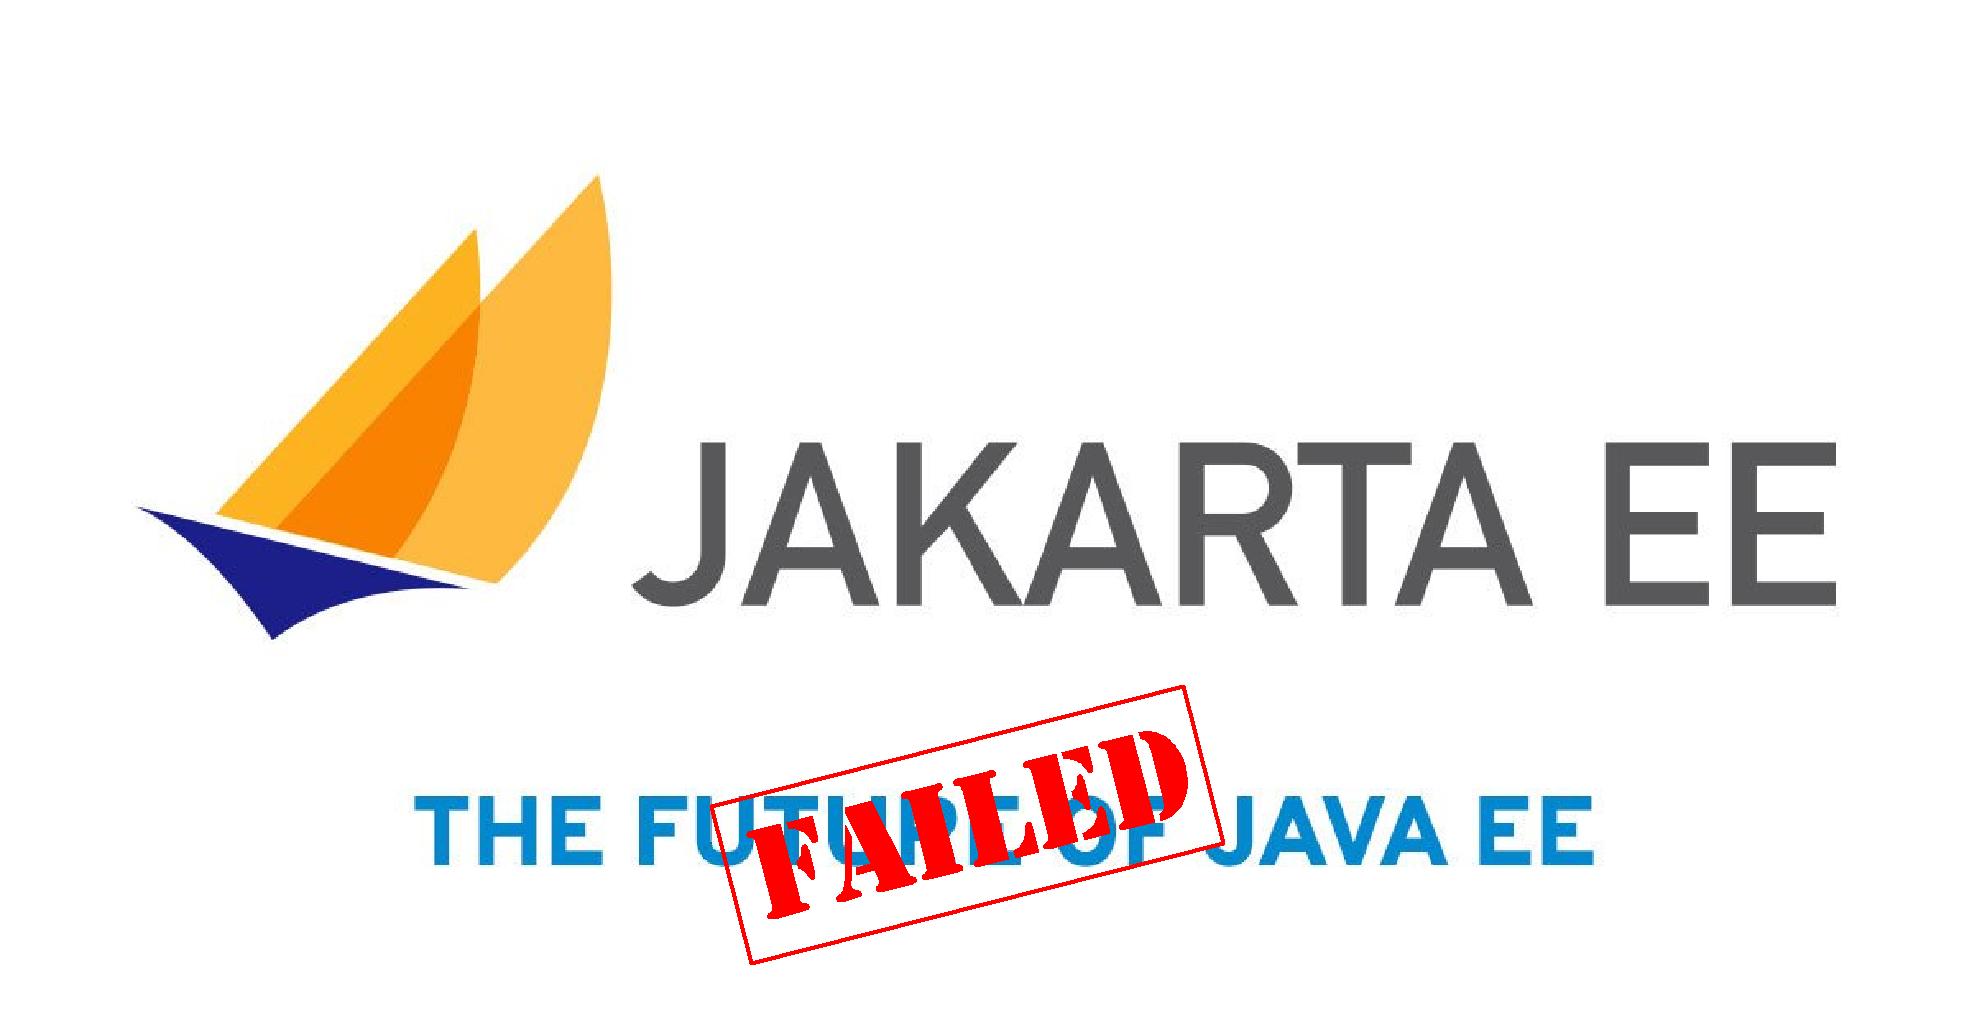 Переговоры провалены: как Oracle убила Java EE - 1